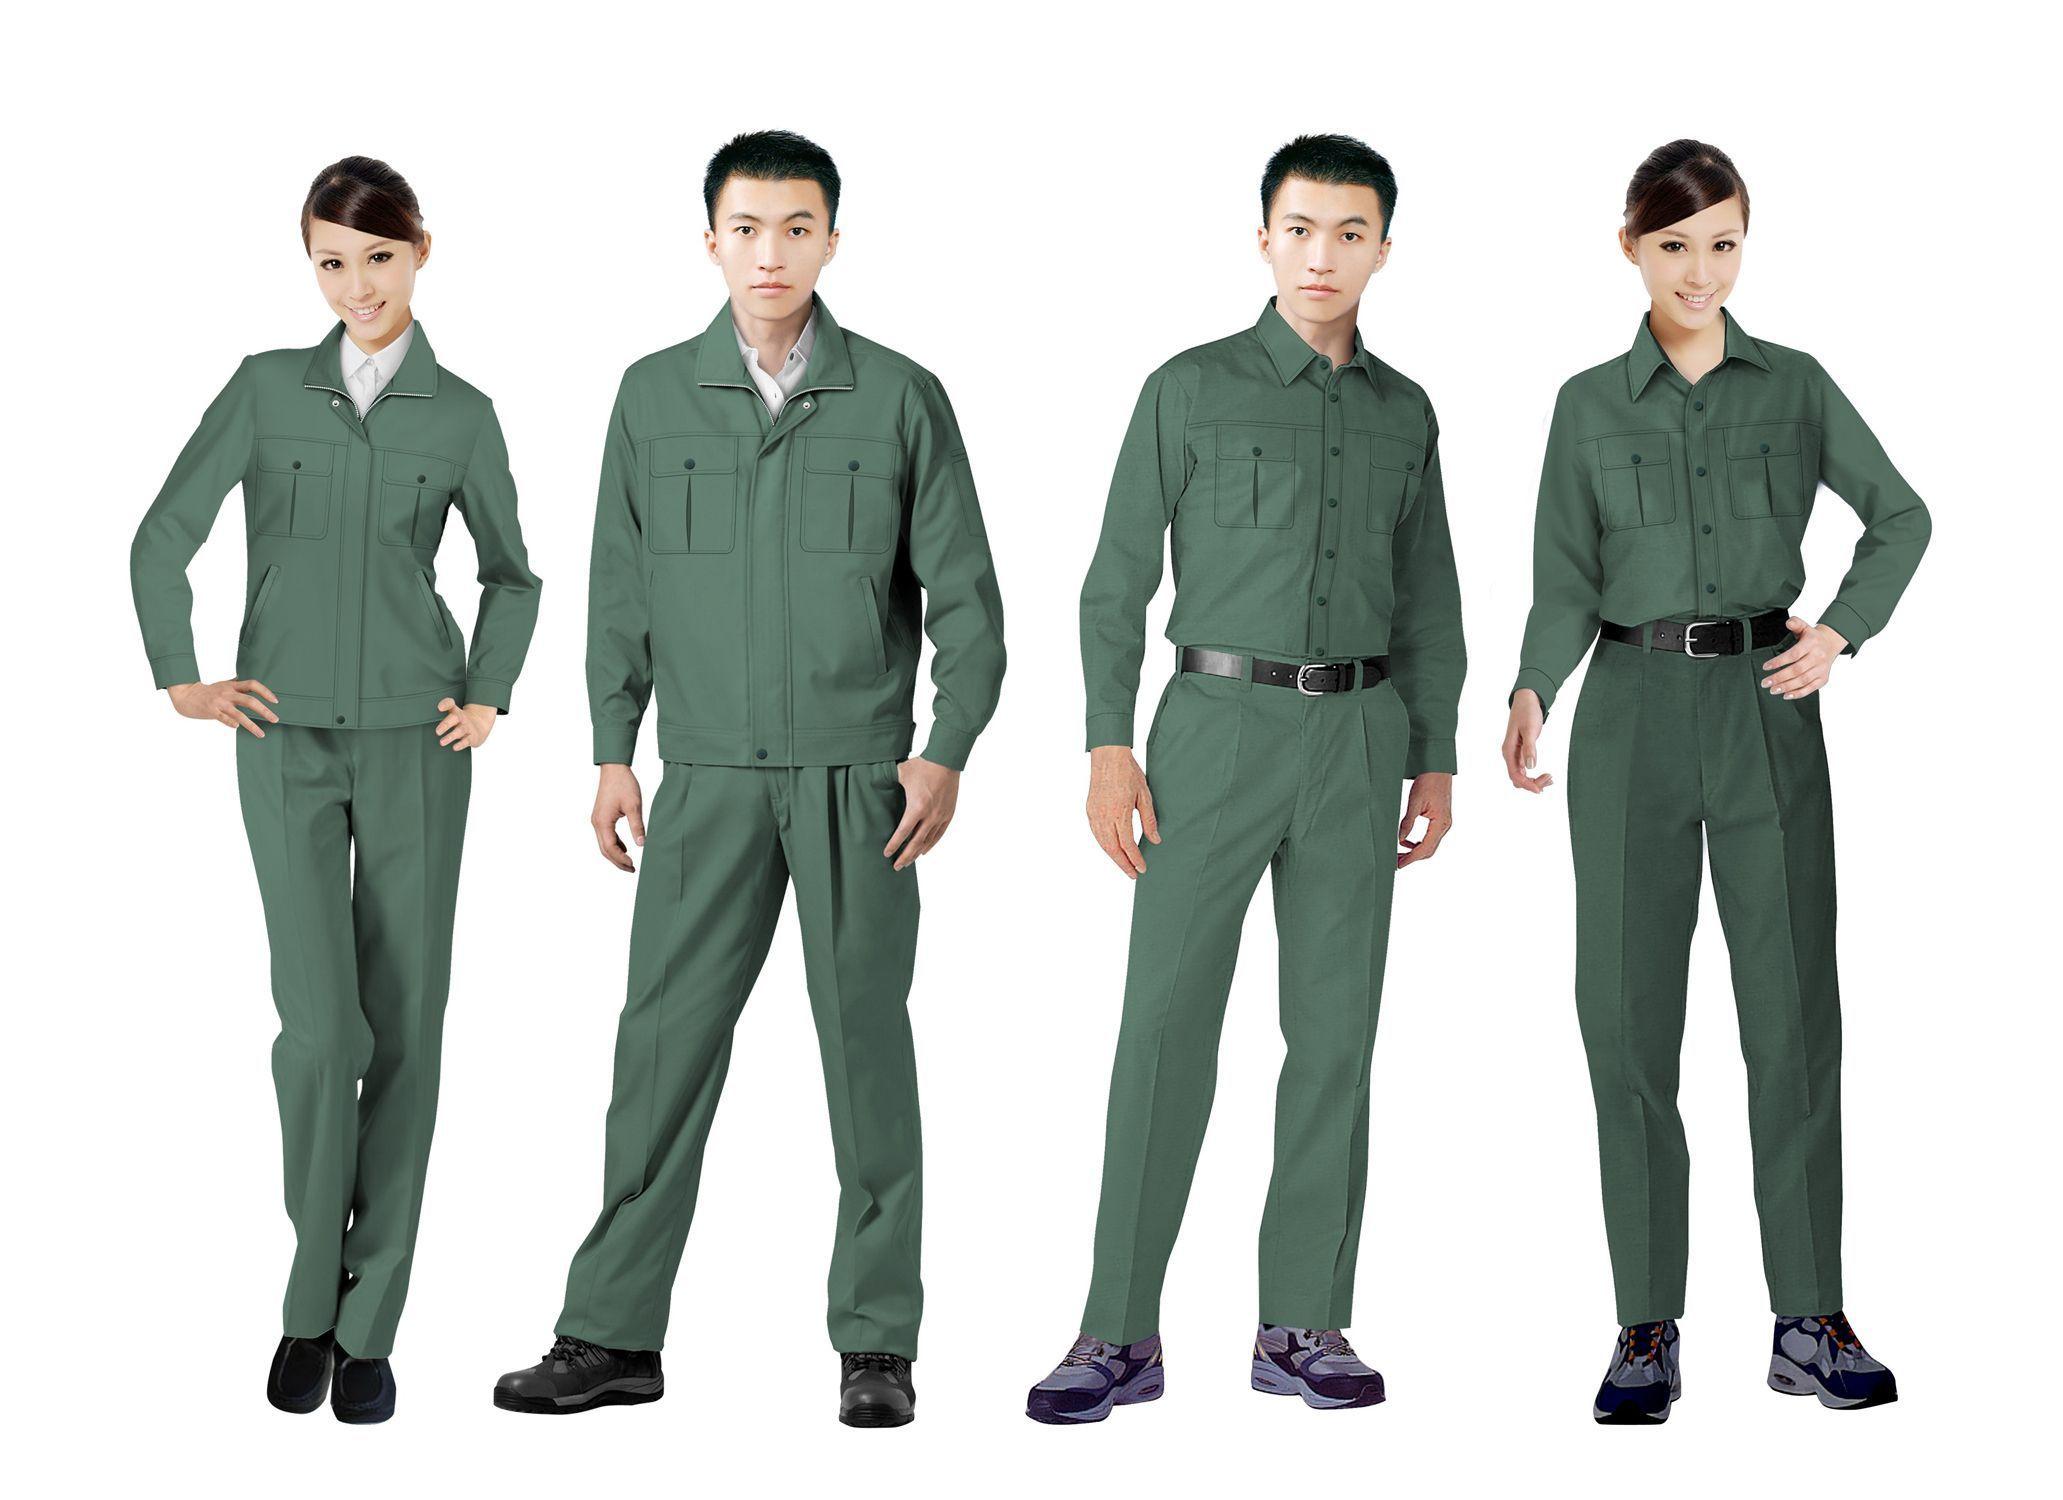 工作服设计图系列方案04